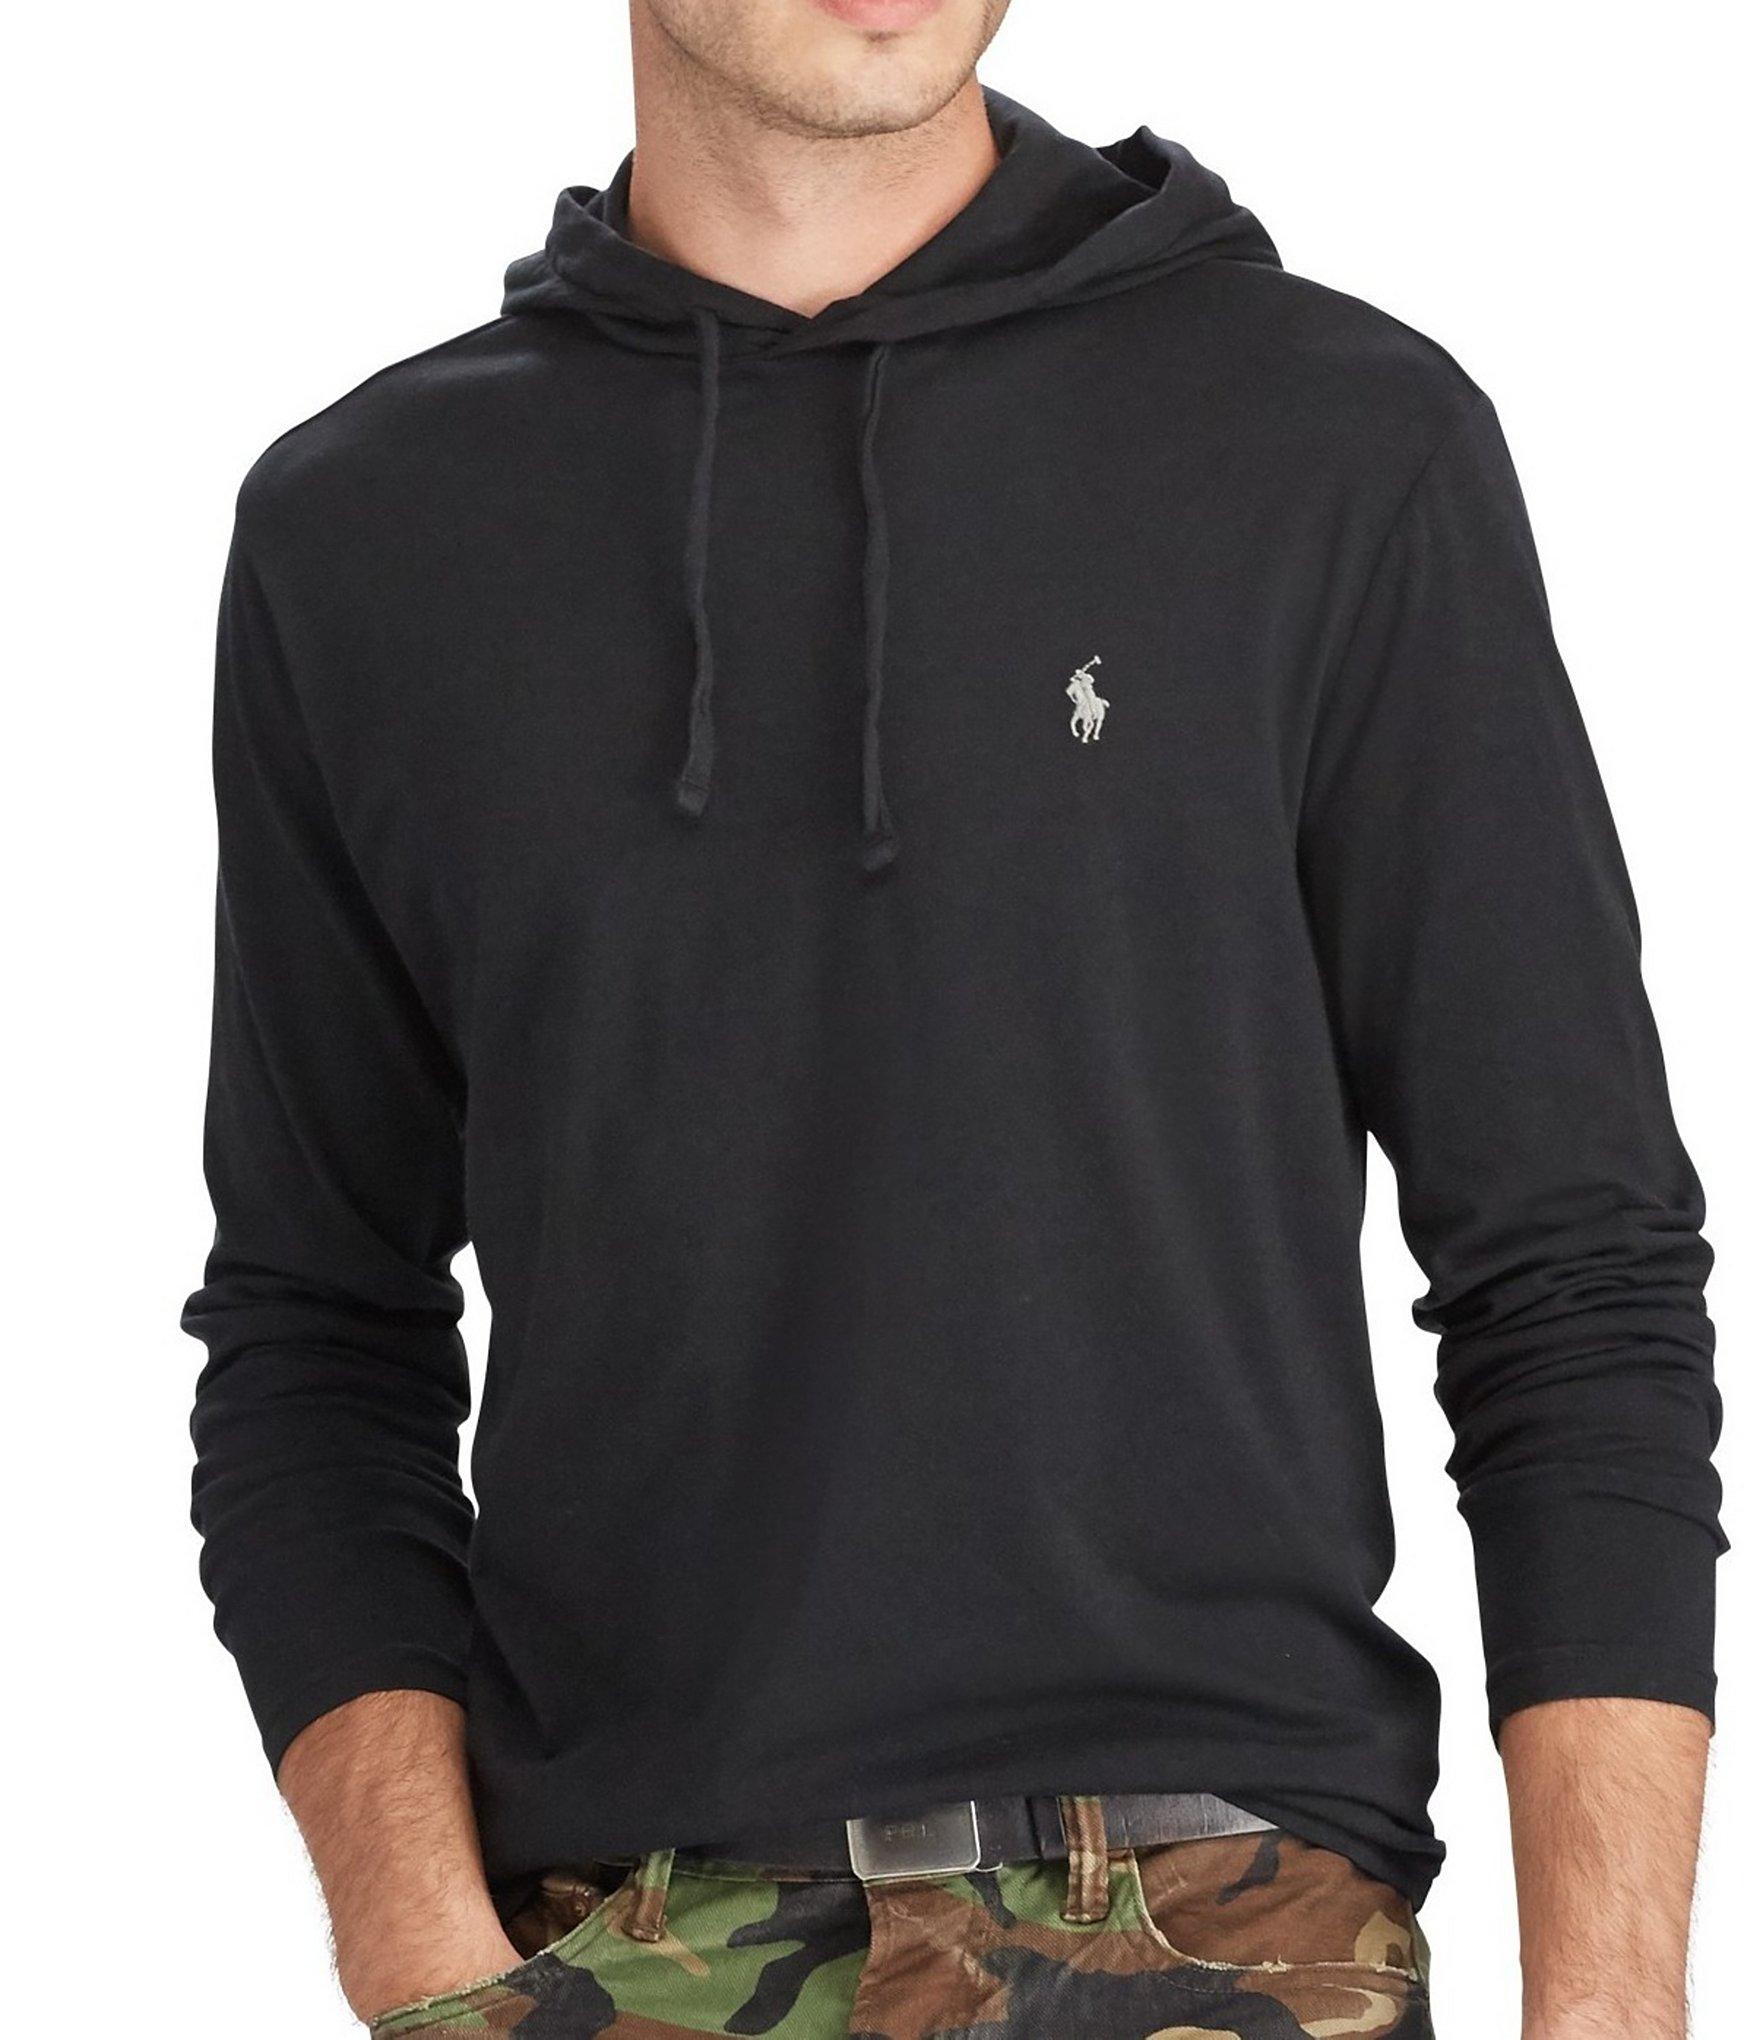 ao-hoodie_ralph-lauren-jersey